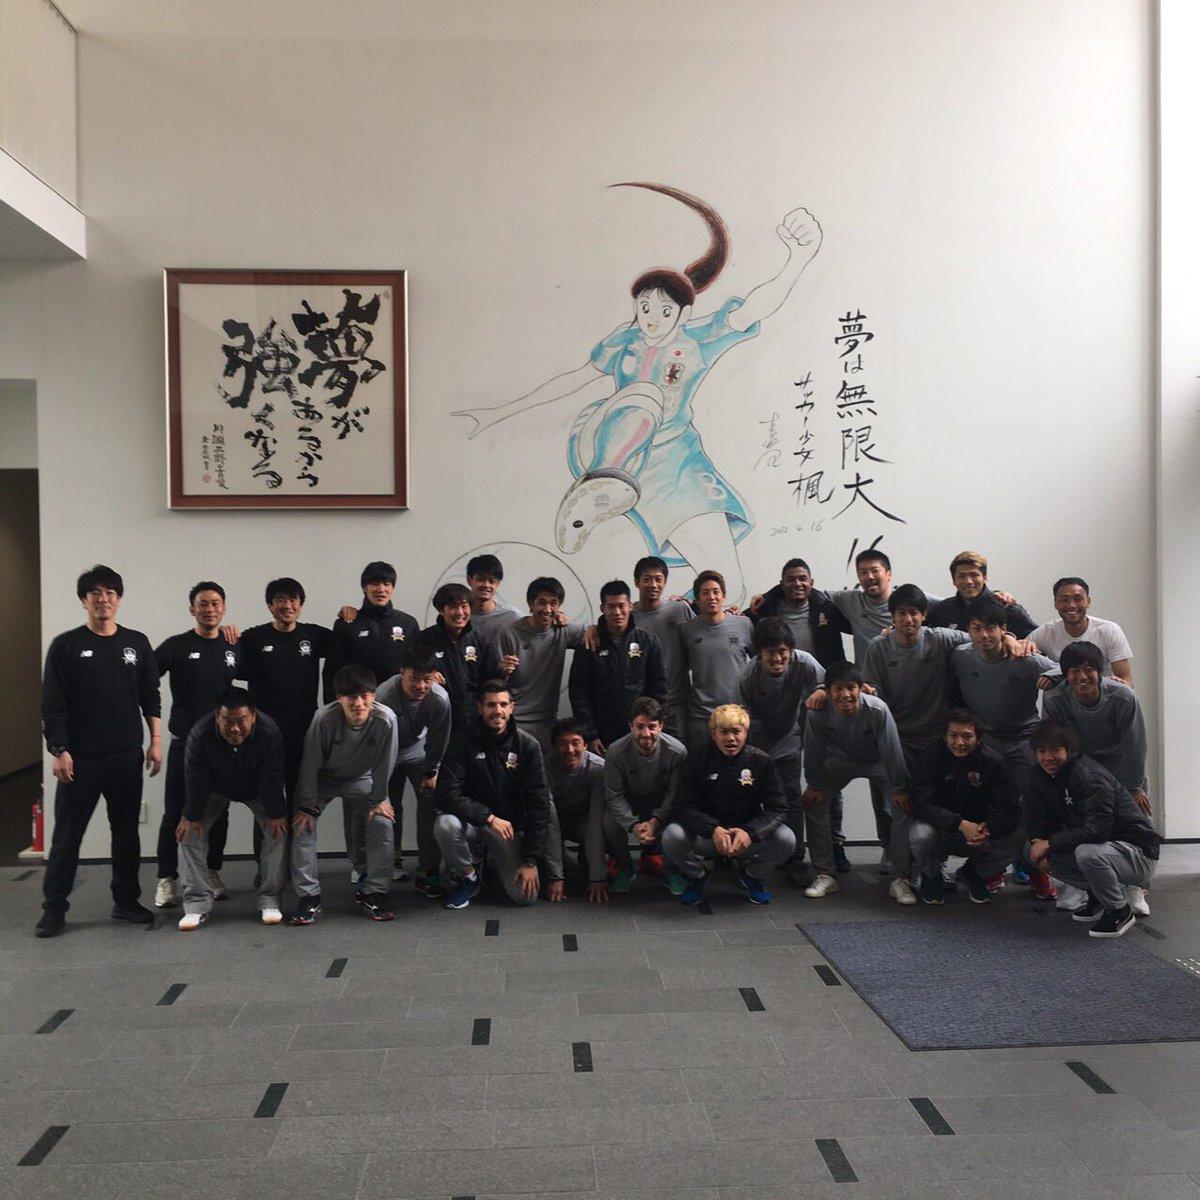 大阪キャンプ終わりました!! 2日間休んで宮崎キャンプ頑張ります。 チームの仲の良さは非常に良好です…